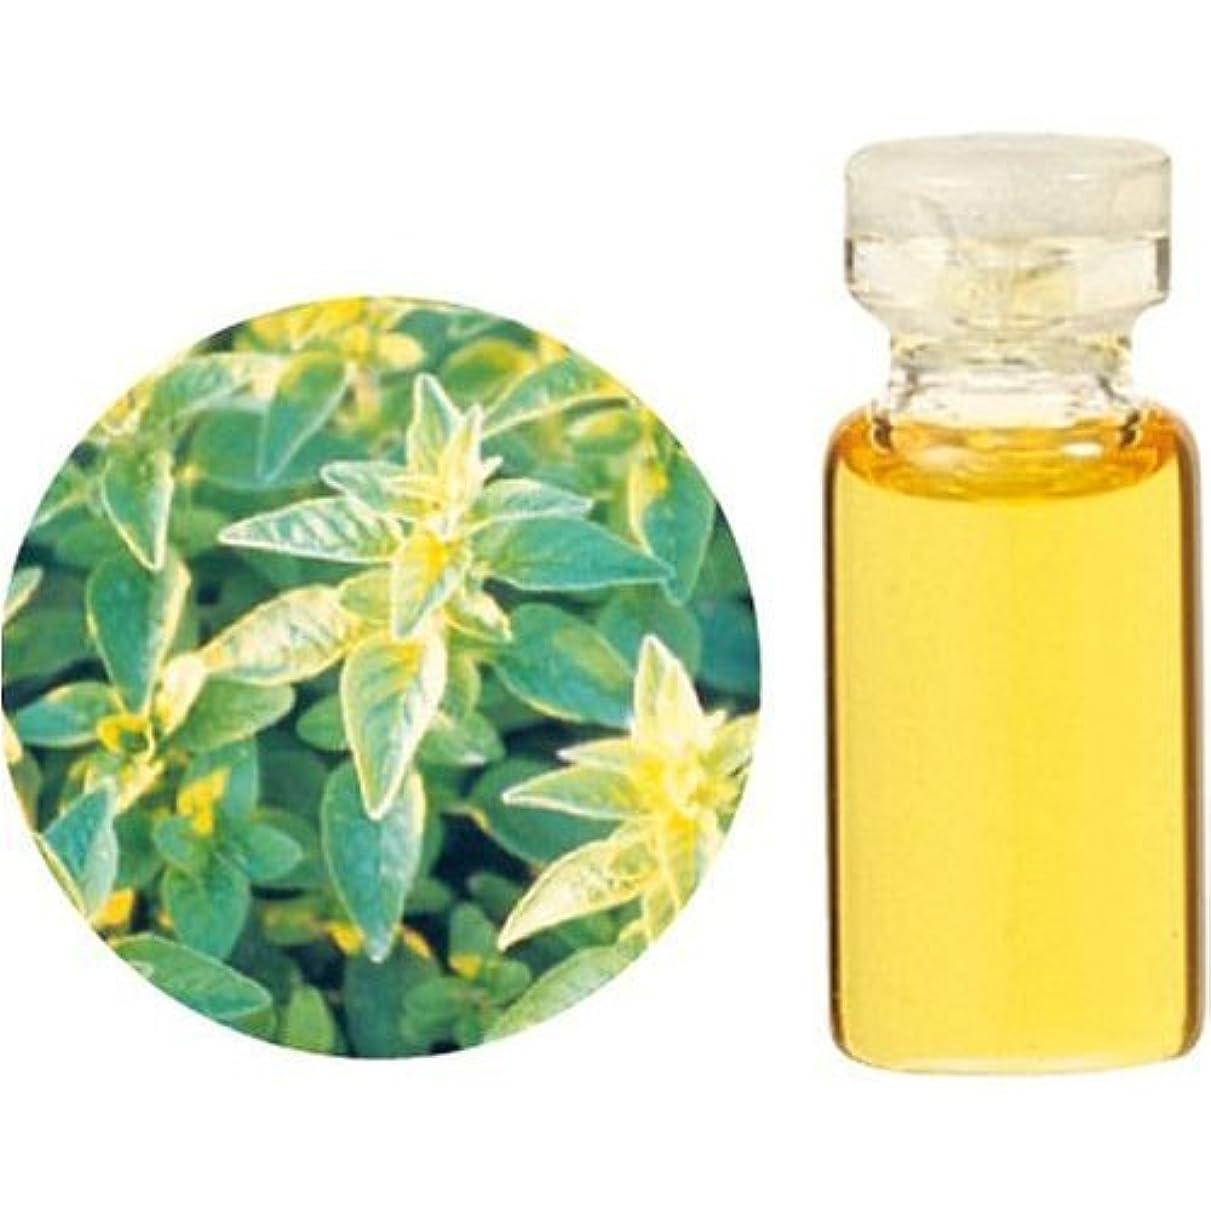 率直な世紀ガード生活の木 Herbal Life レアバリューオイル メリッサ 1ml